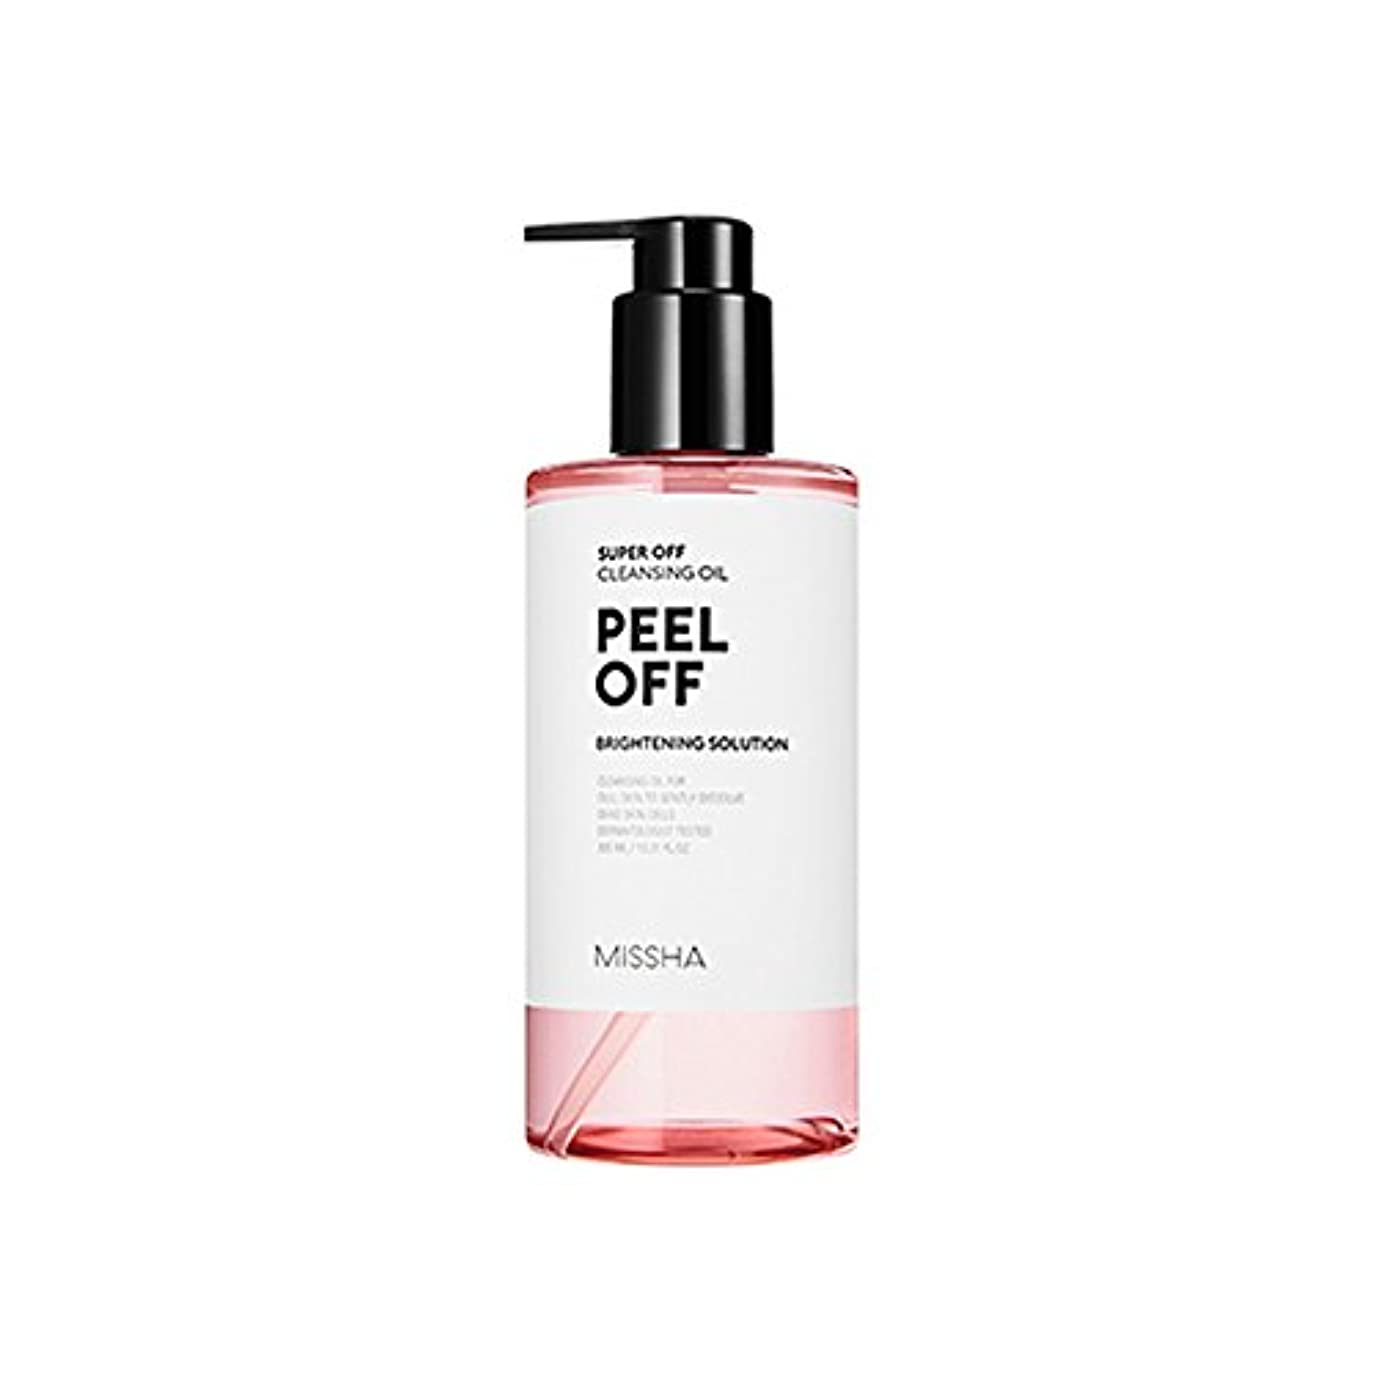 システムクリップ蝶ベルベットMissha Super Off Cleansing Oil 305ml ミシャ スーパー オフ クレンジング オイル (Peel Off ピール オフ) [並行輸入品]